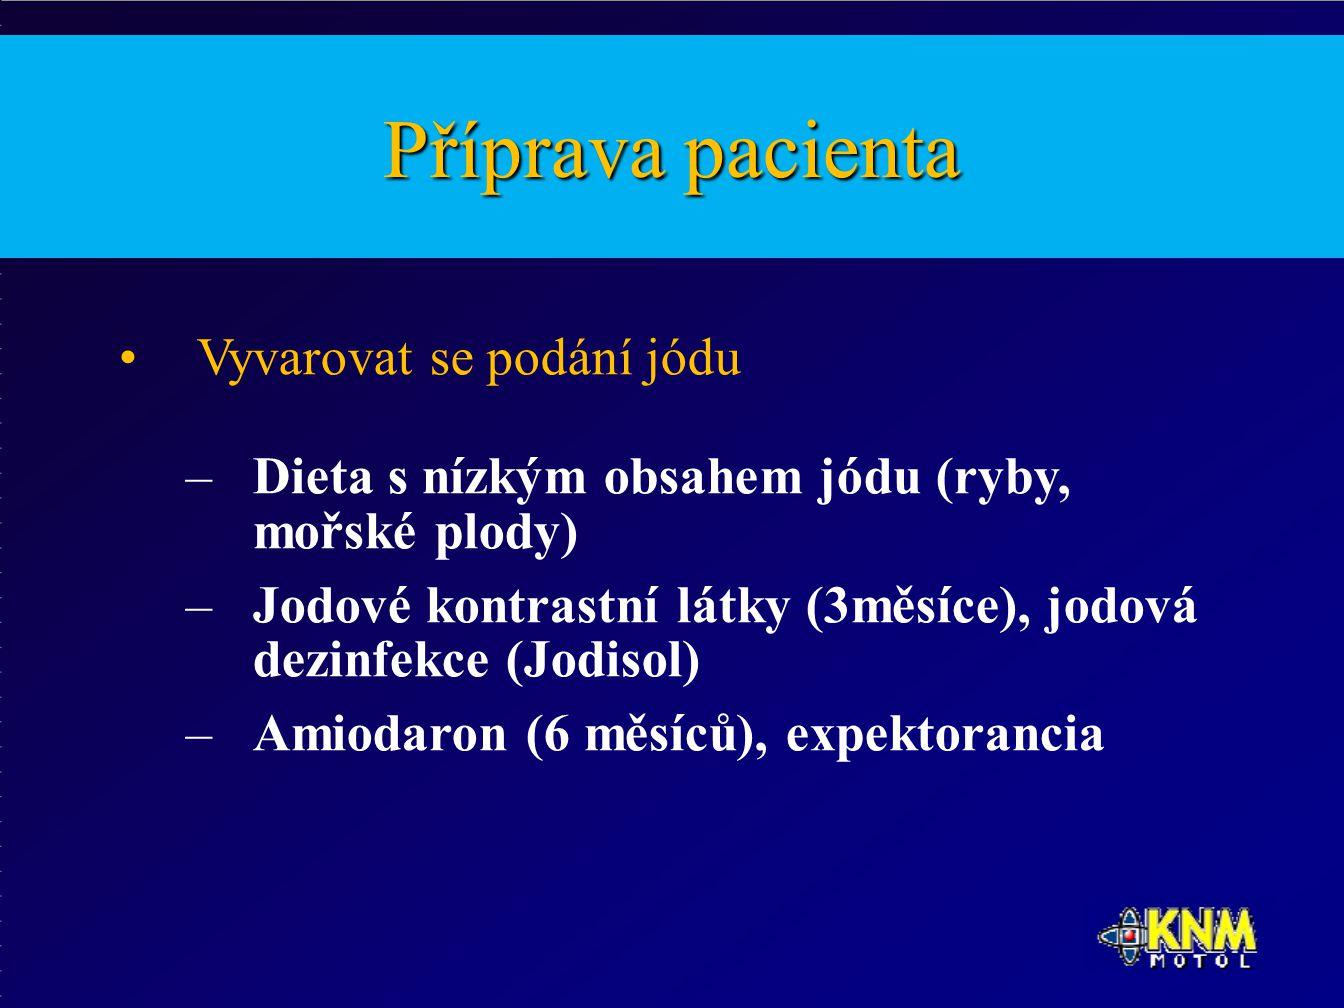 Příprava pacienta Vyvarovat se podání jódu –Dieta s nízkým obsahem jódu (ryby, mořské plody) –Jodové kontrastní látky (3měsíce), jodová dezinfekce (Jodisol) –Amiodaron (6 měsíců), expektorancia